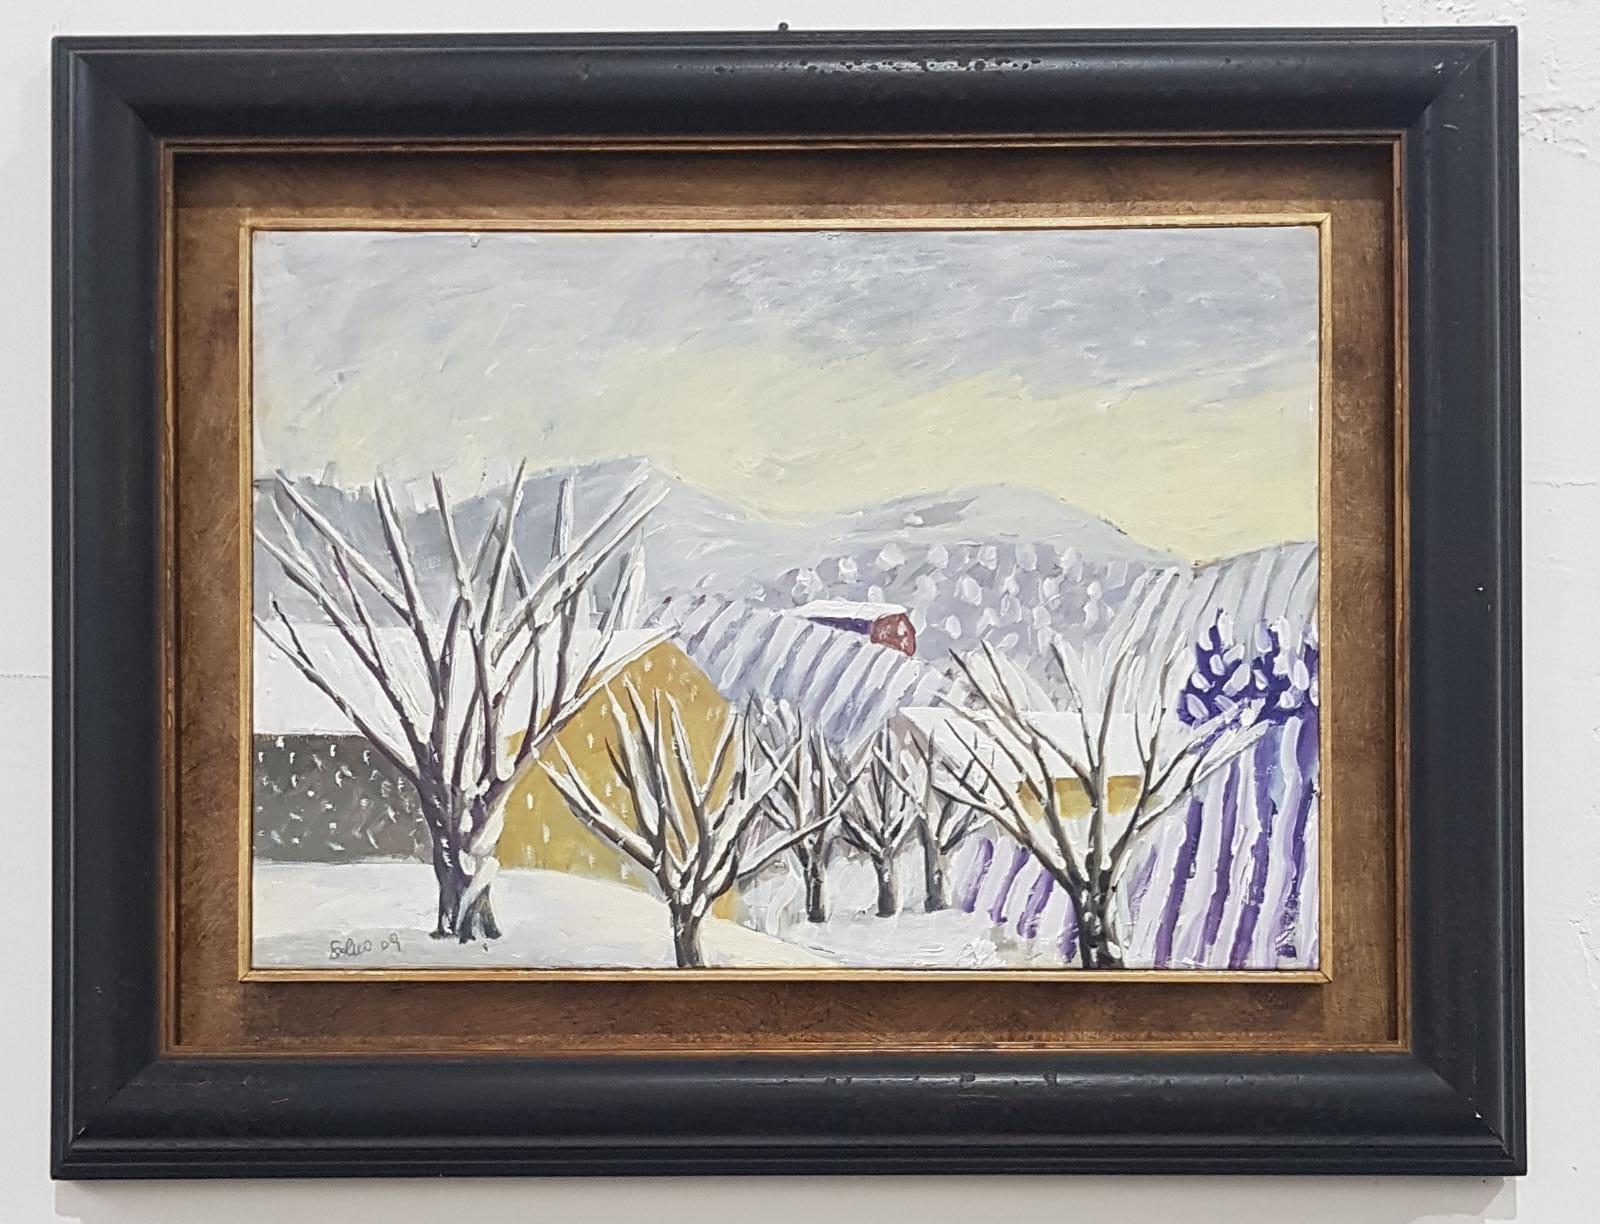 Salvo, Senza titolo, 2009, olio su cartone, cm 35x50